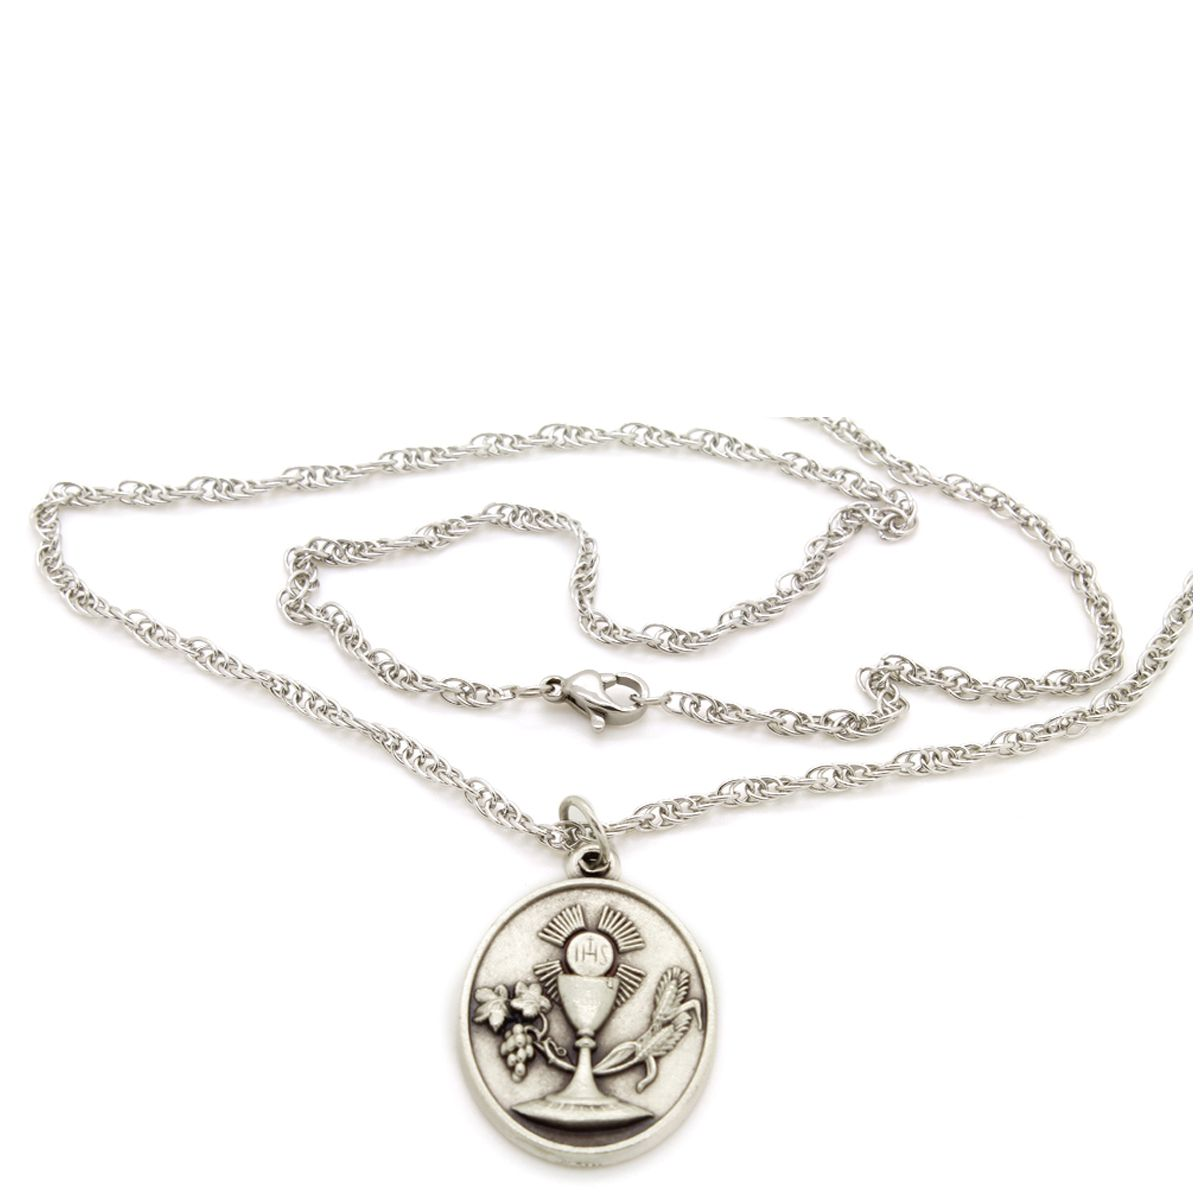 Corrente Colar com Medalha da Eucaristia - Folheada Prata